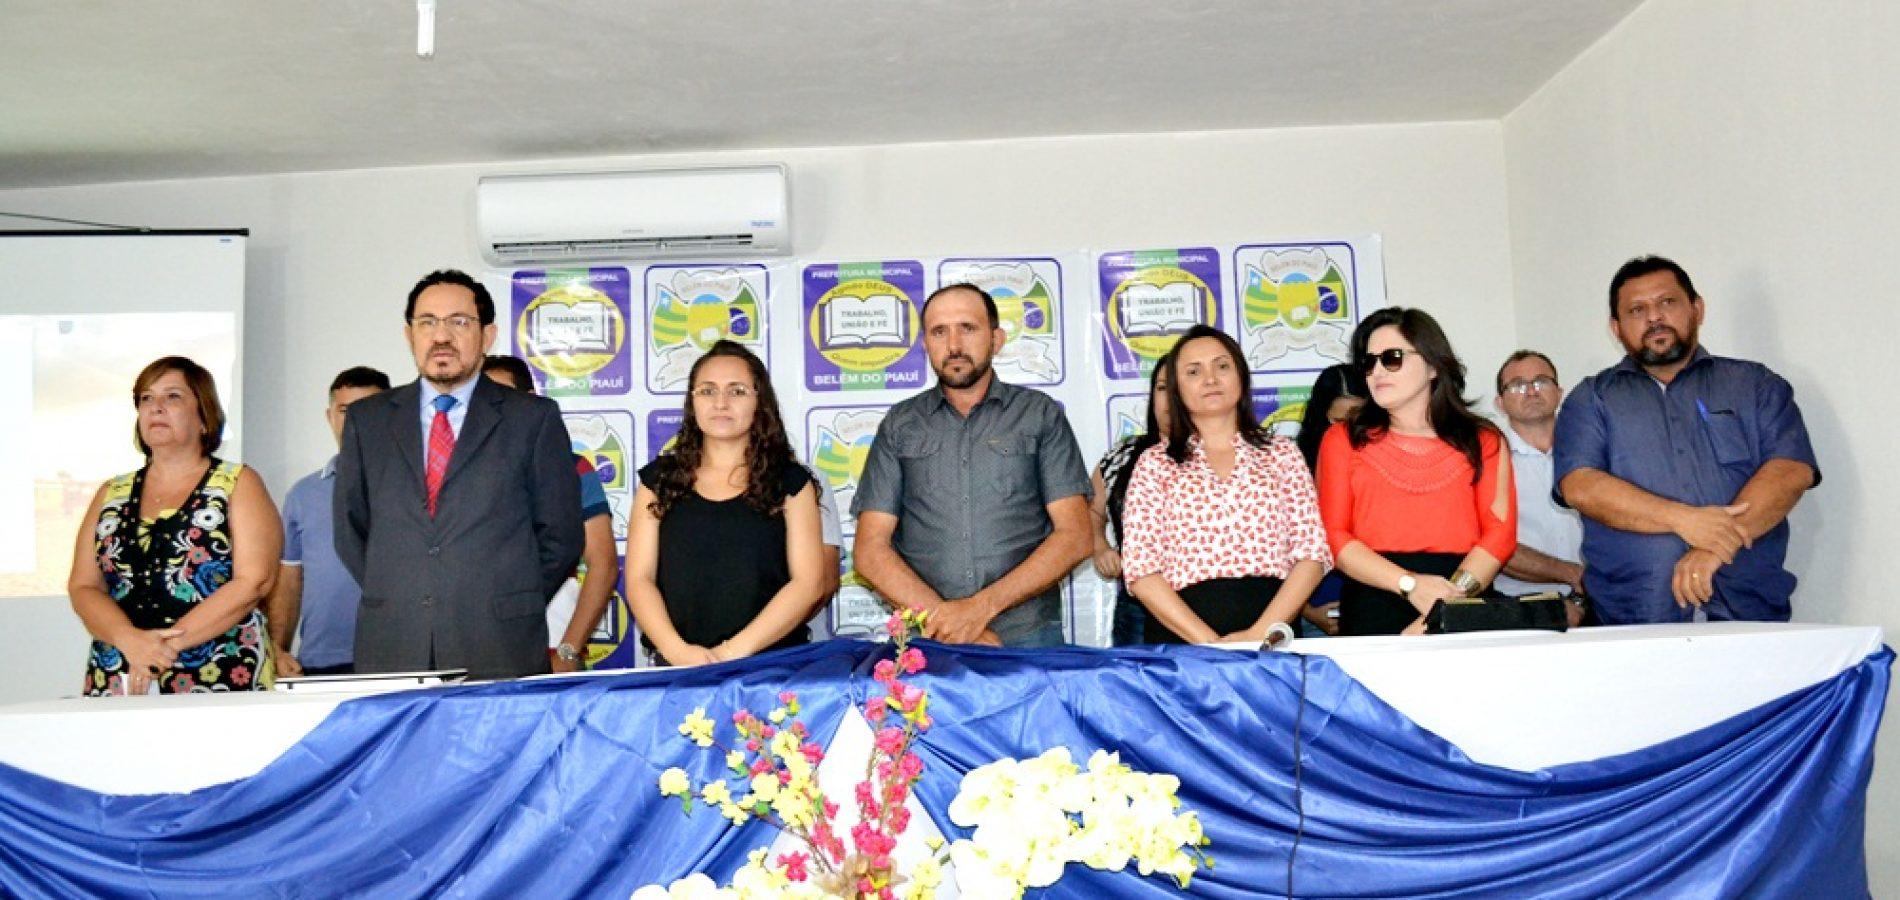 Palestras com foco na qualidade do ensino aprendizagem abrem a Jornada Pedagógica em Belém do Piauí